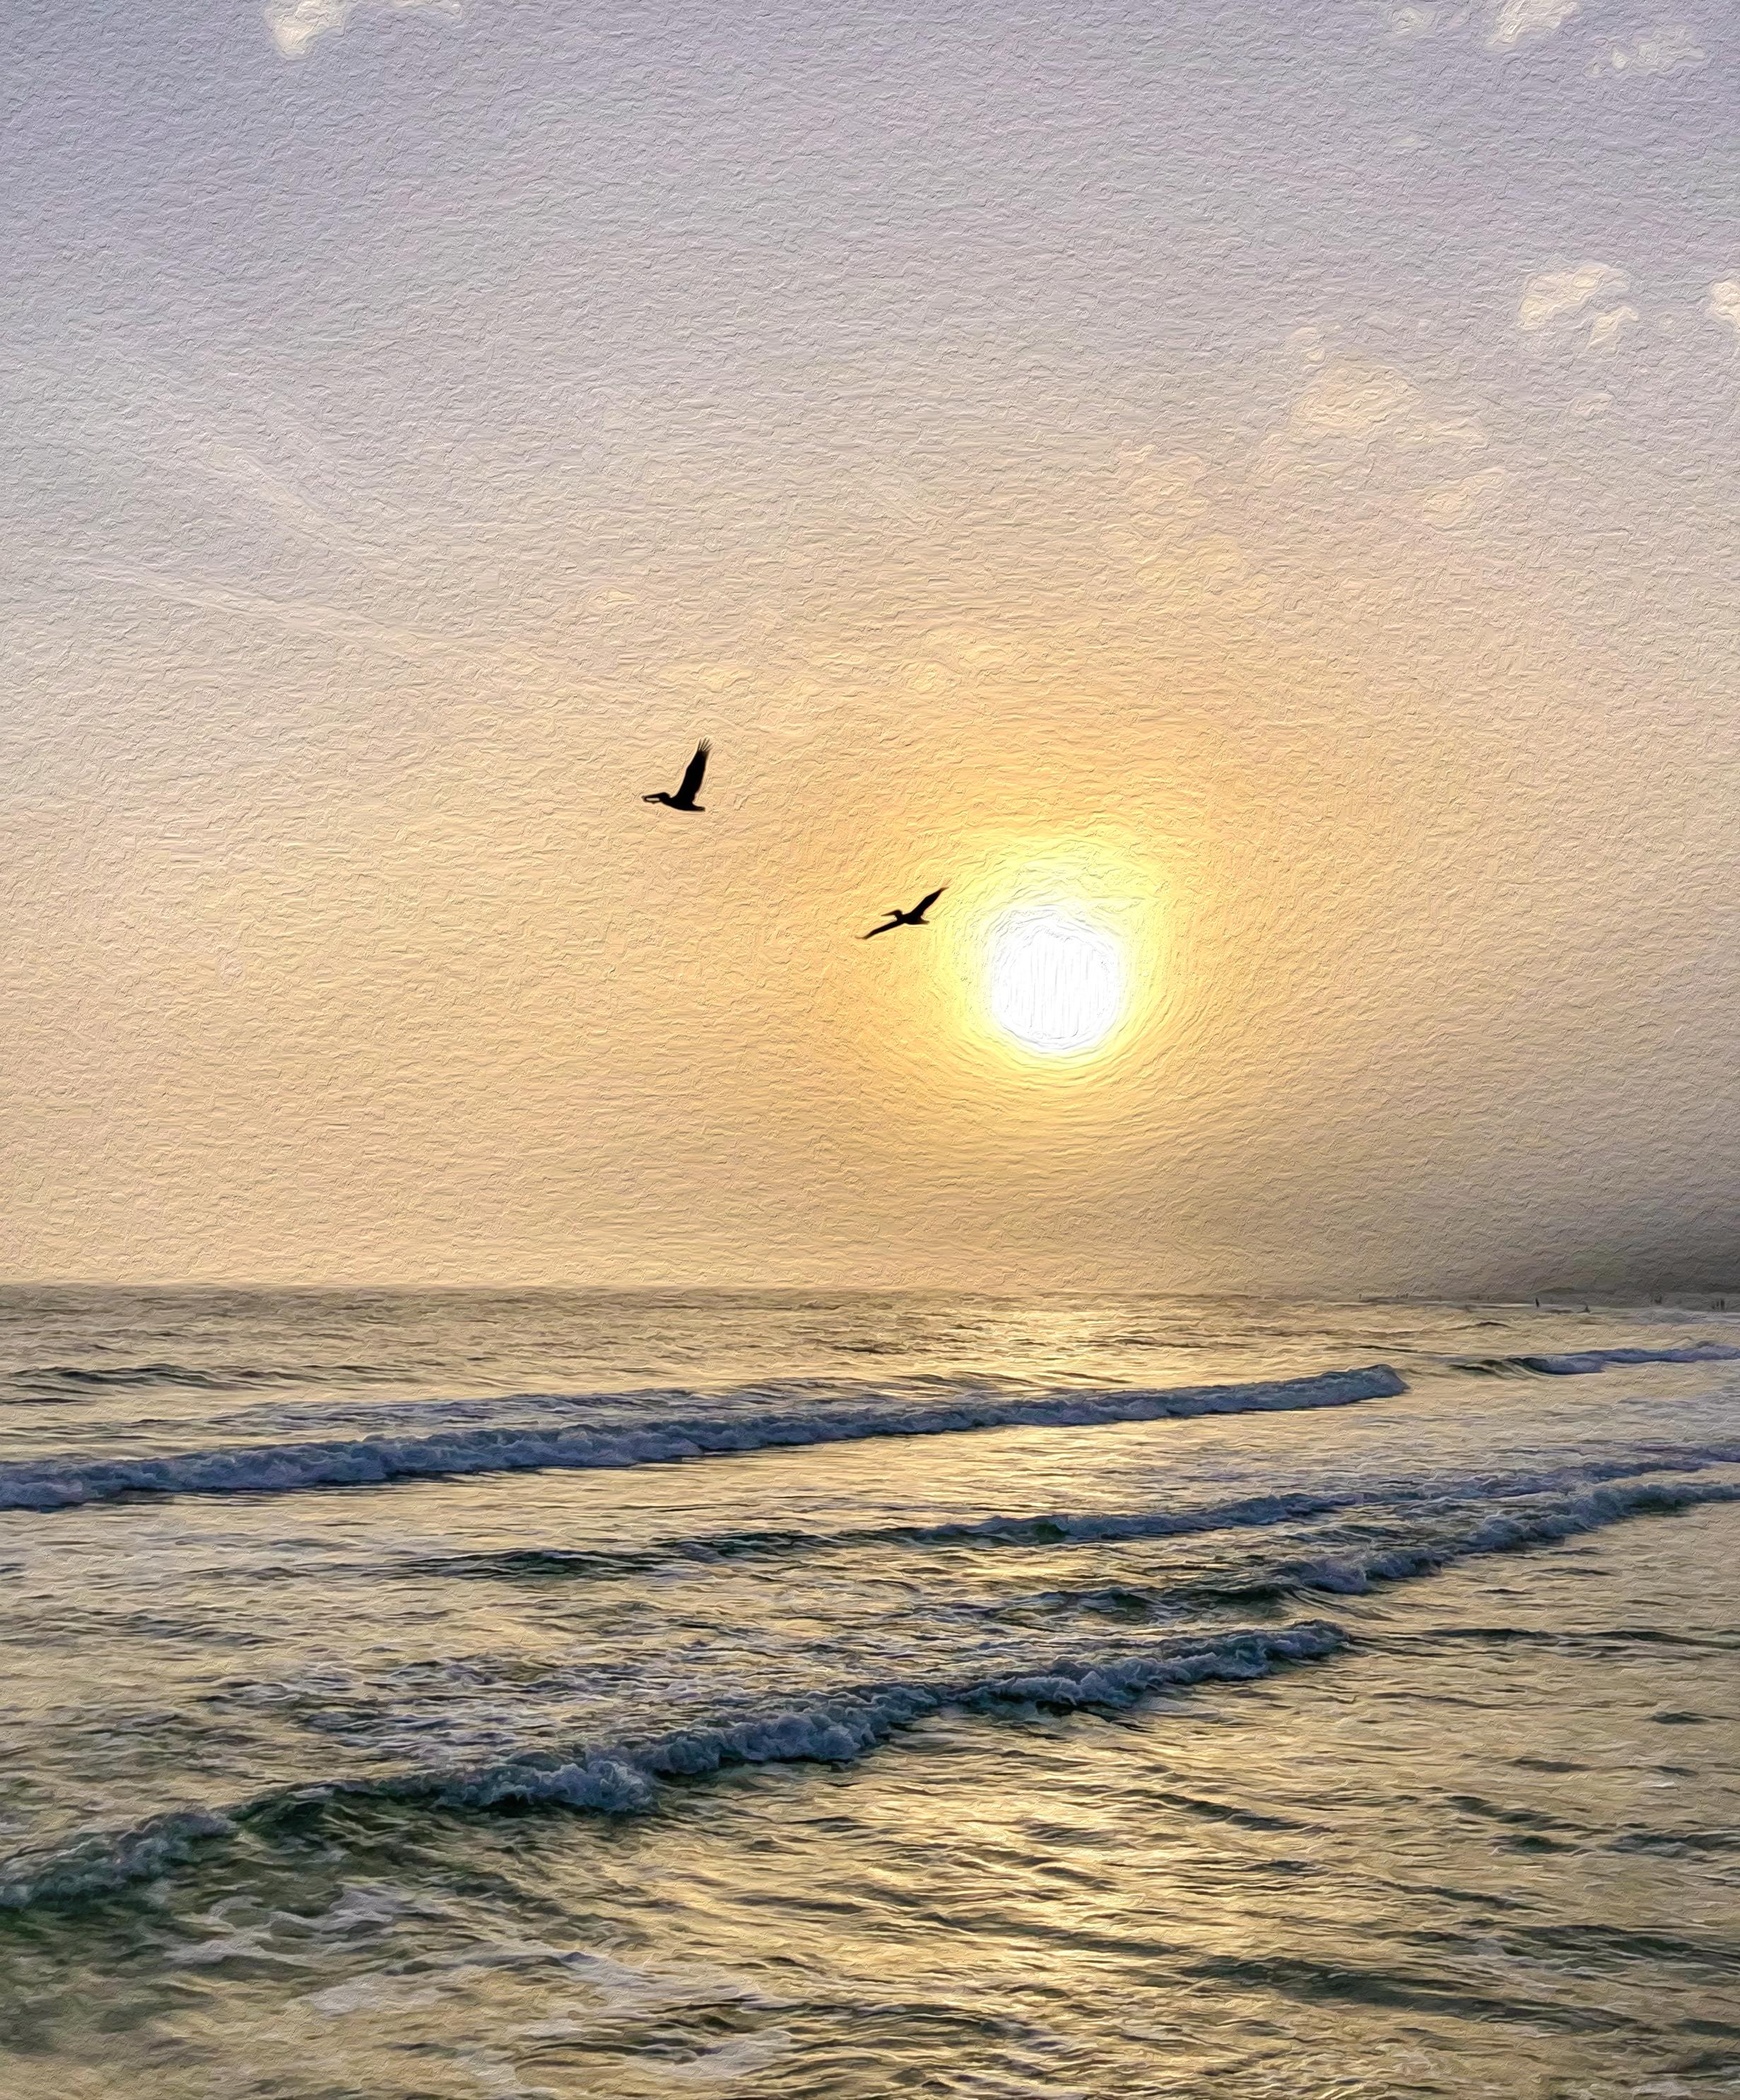 sunset_birds_mcb.png